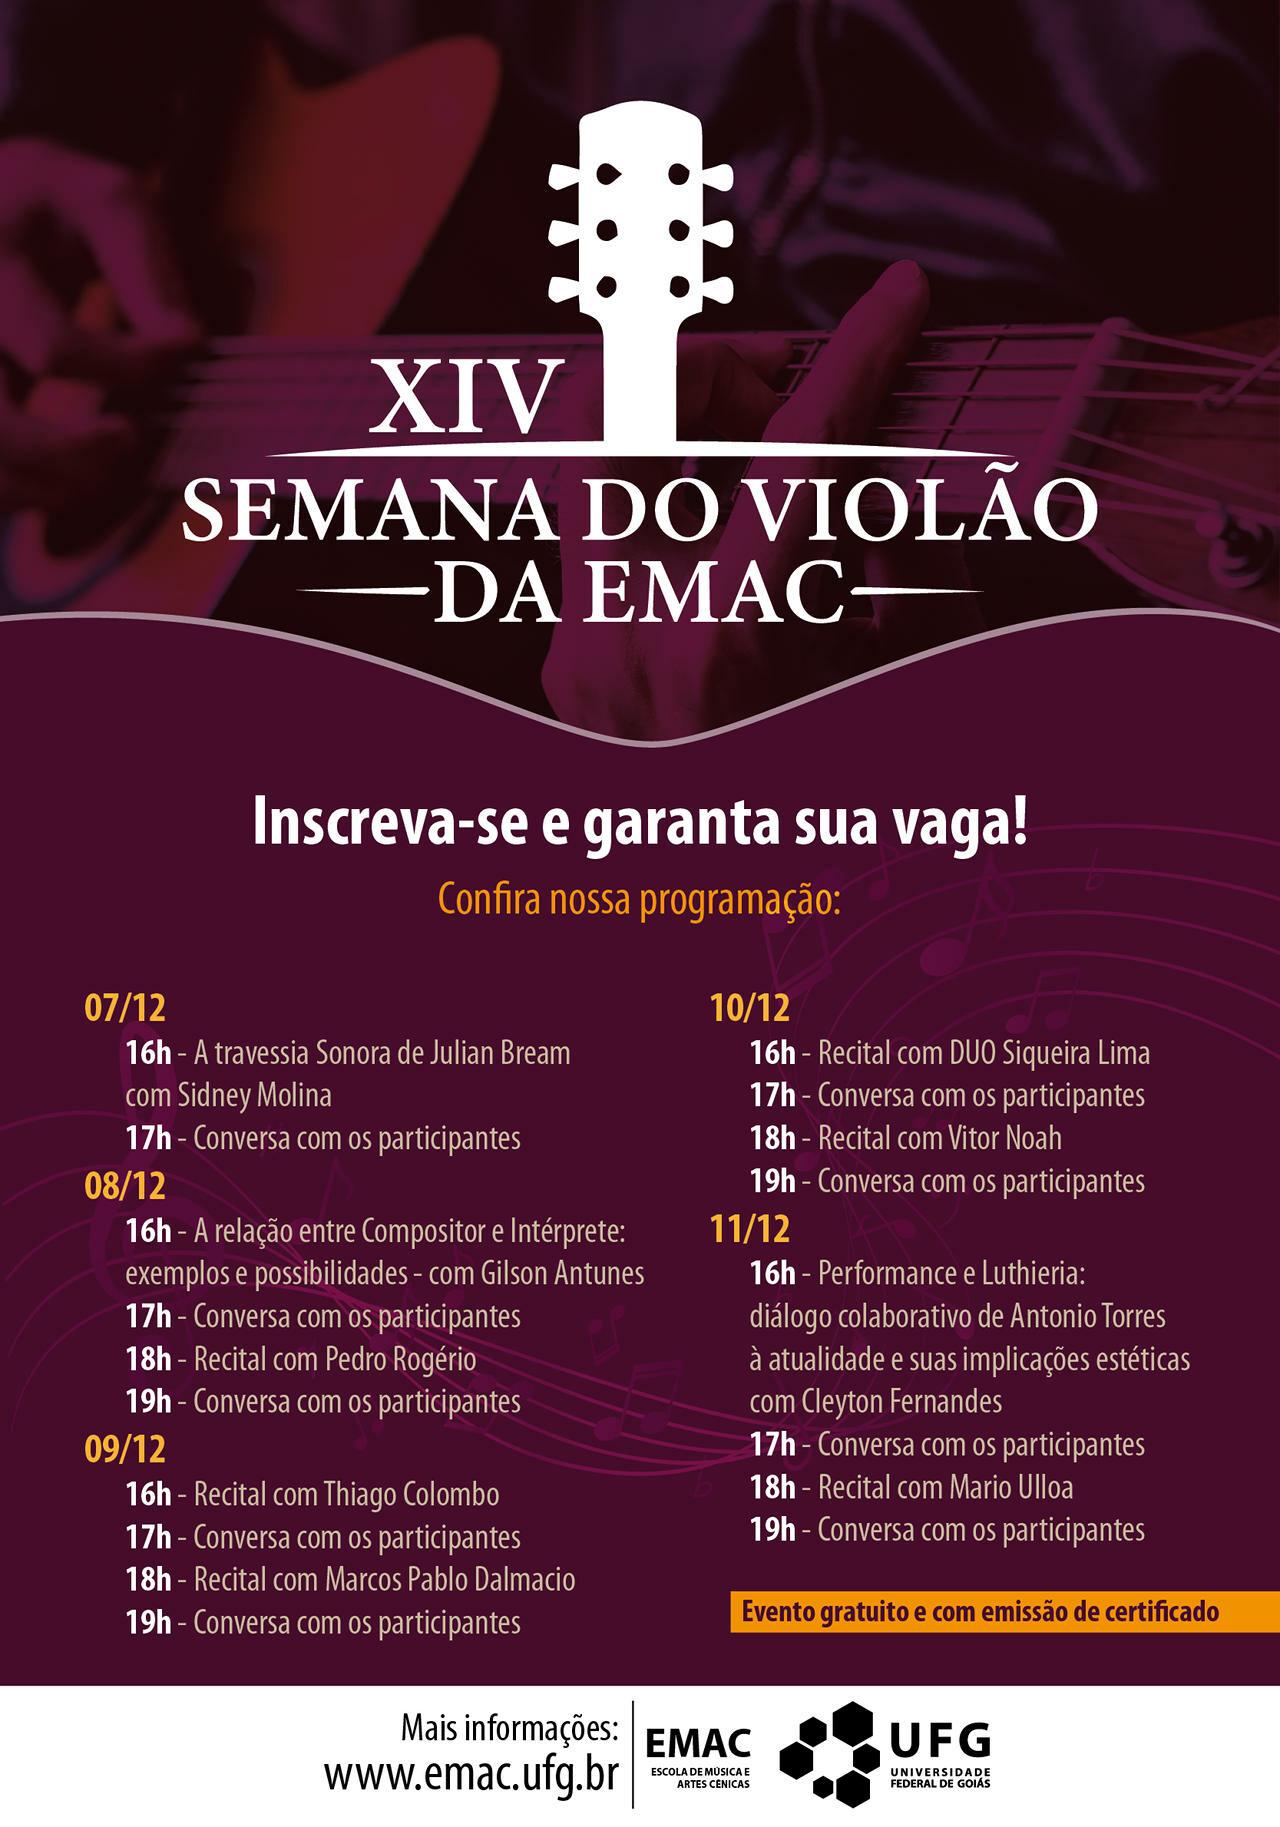 XIV_Semana_do_violão_da_EMAC